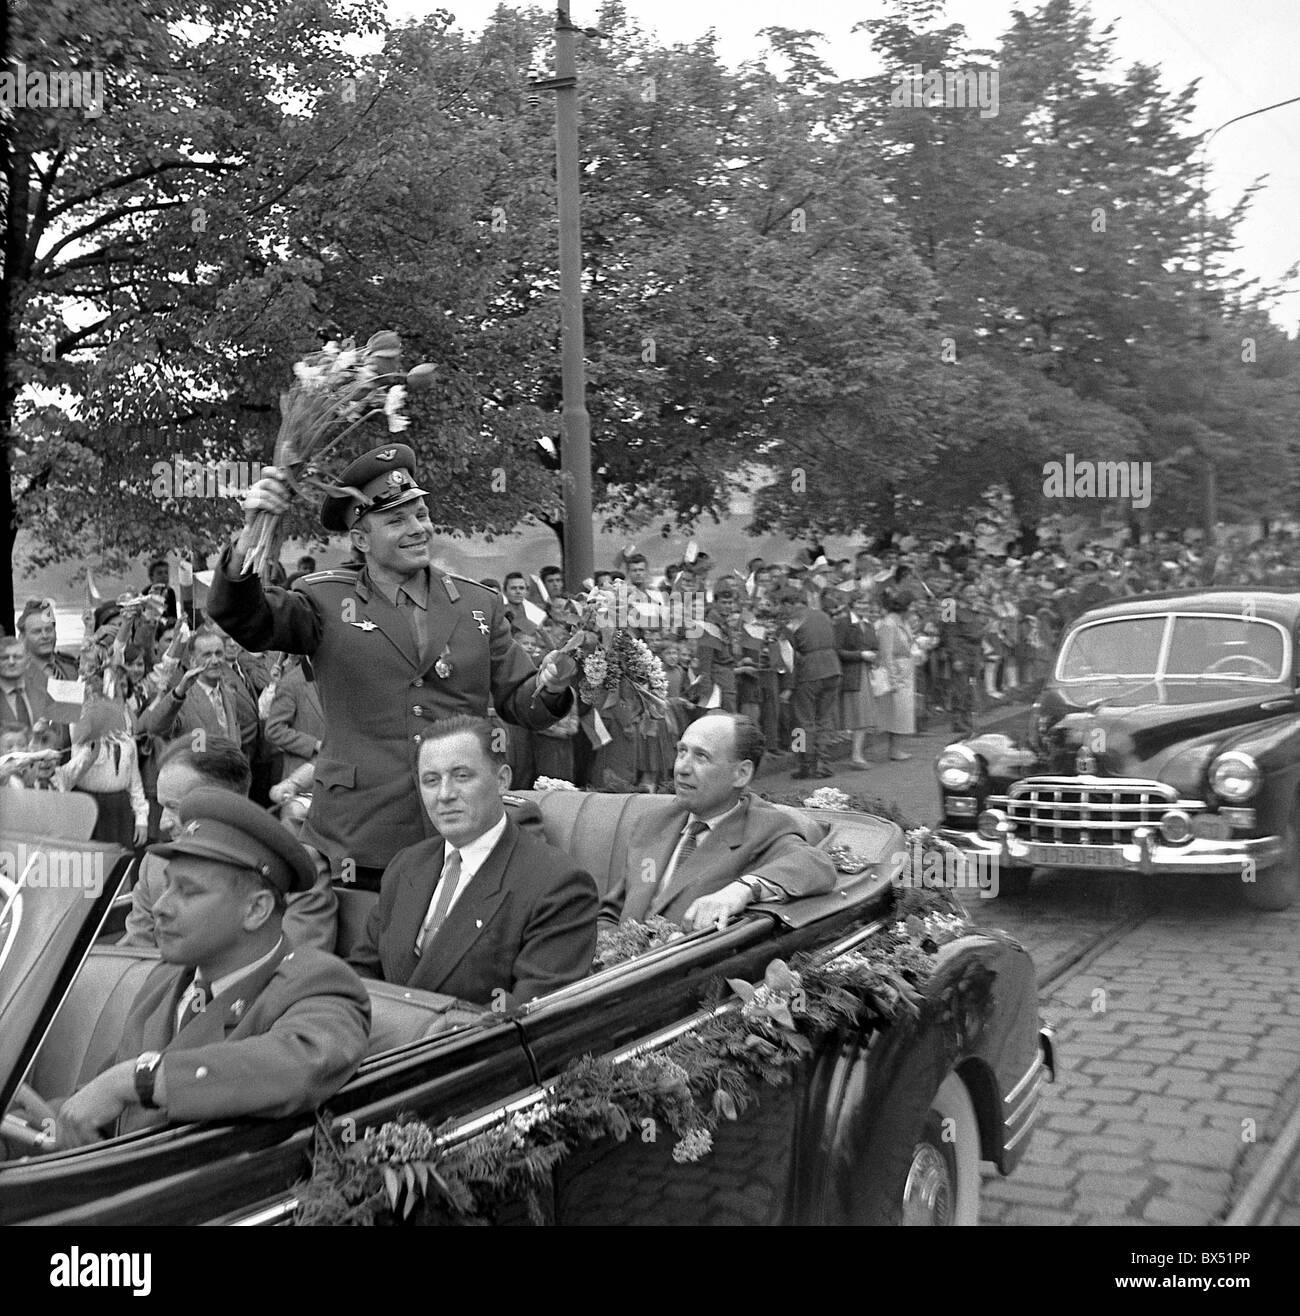 cosmonaut Yuri Gagarin, car, flowers, motorcade - Stock Image